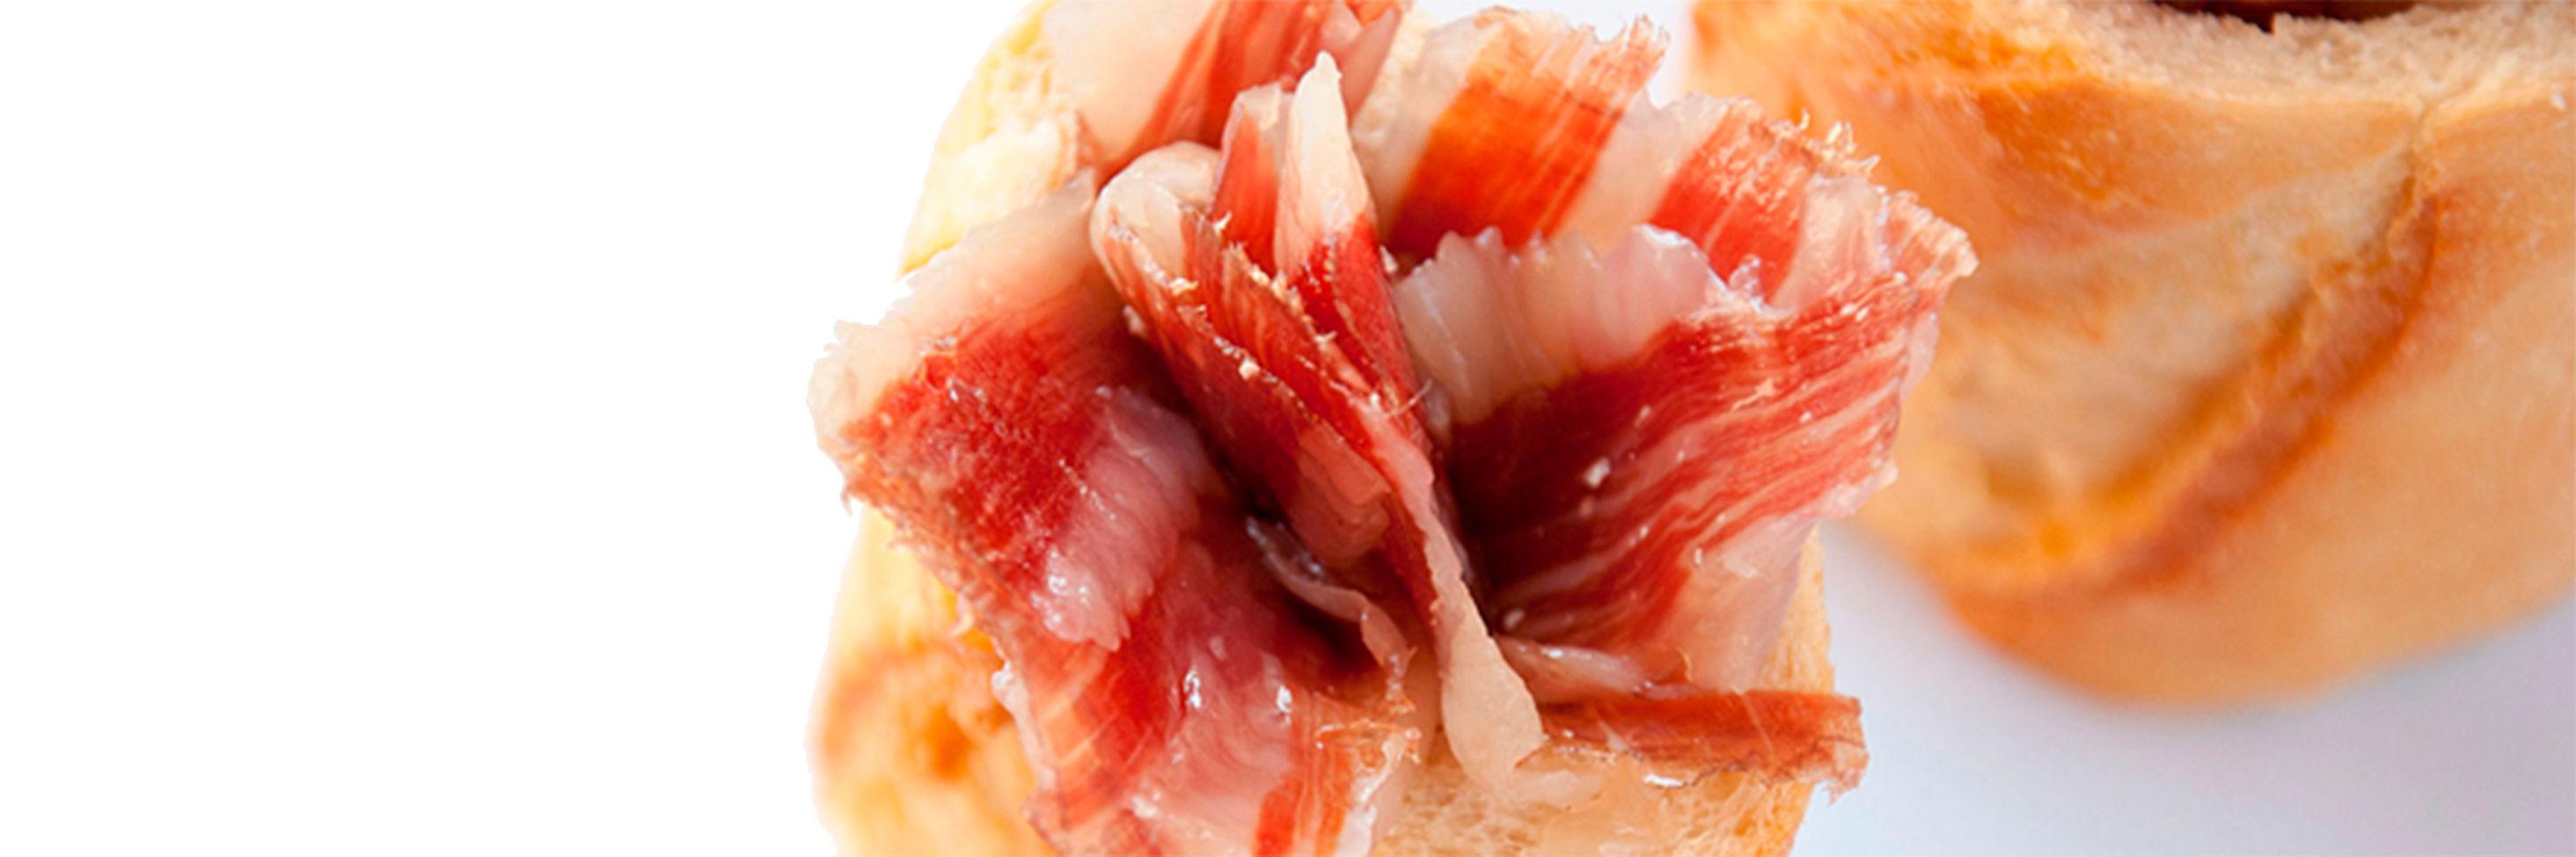 Die besten Pata Negra Schinken direkt vom spanischen Produzenten